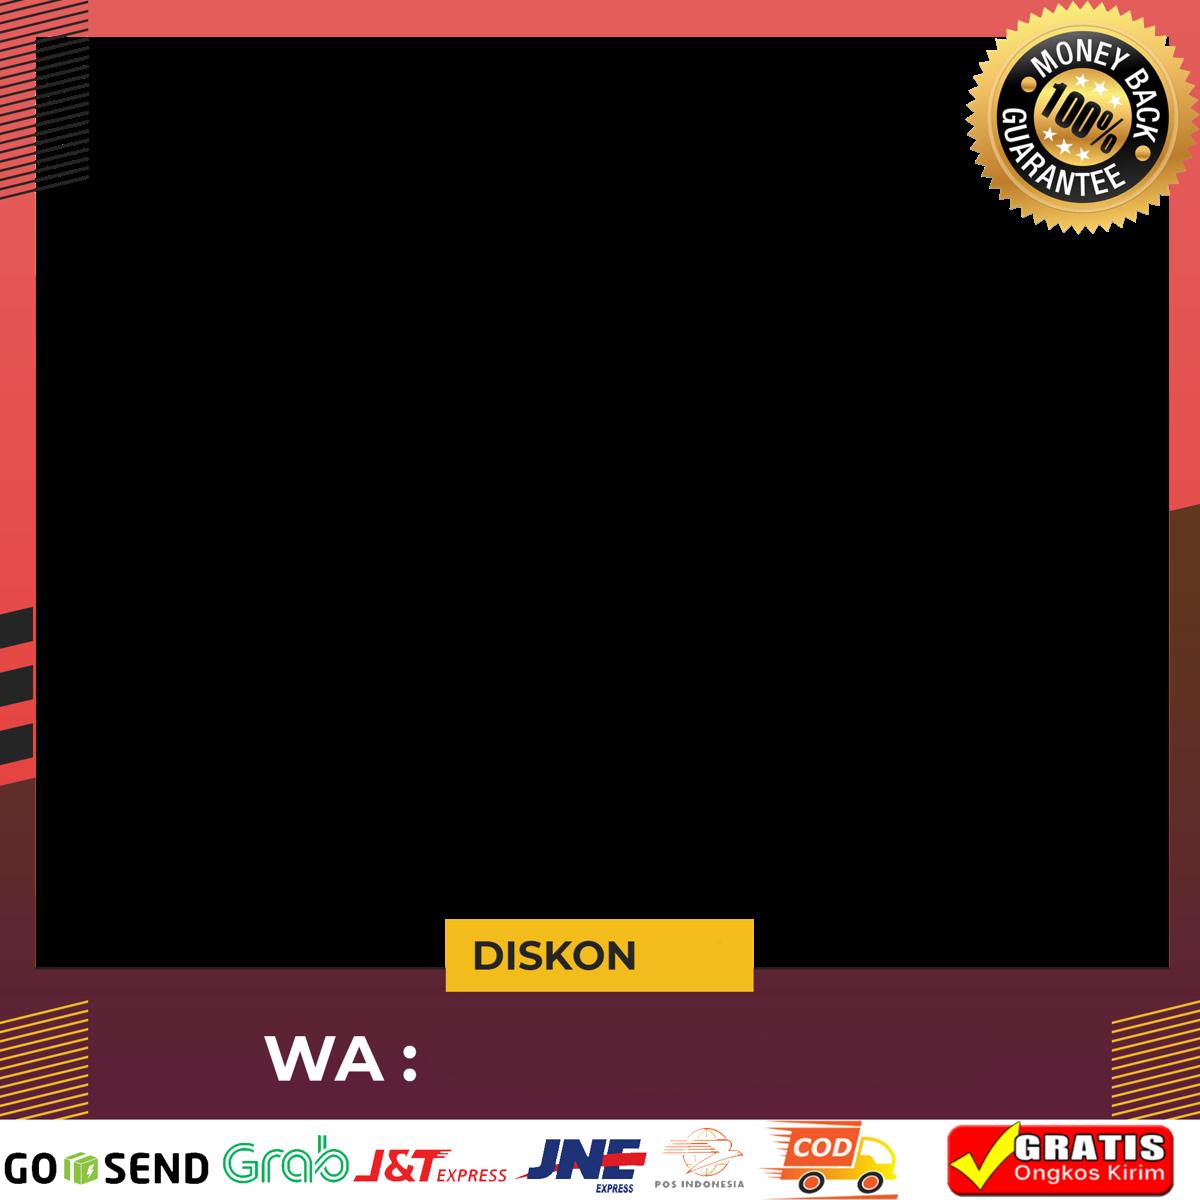 50 template frame bingkai gratis untuk foto produk online shop animblo 50 template frame bingkai gratis